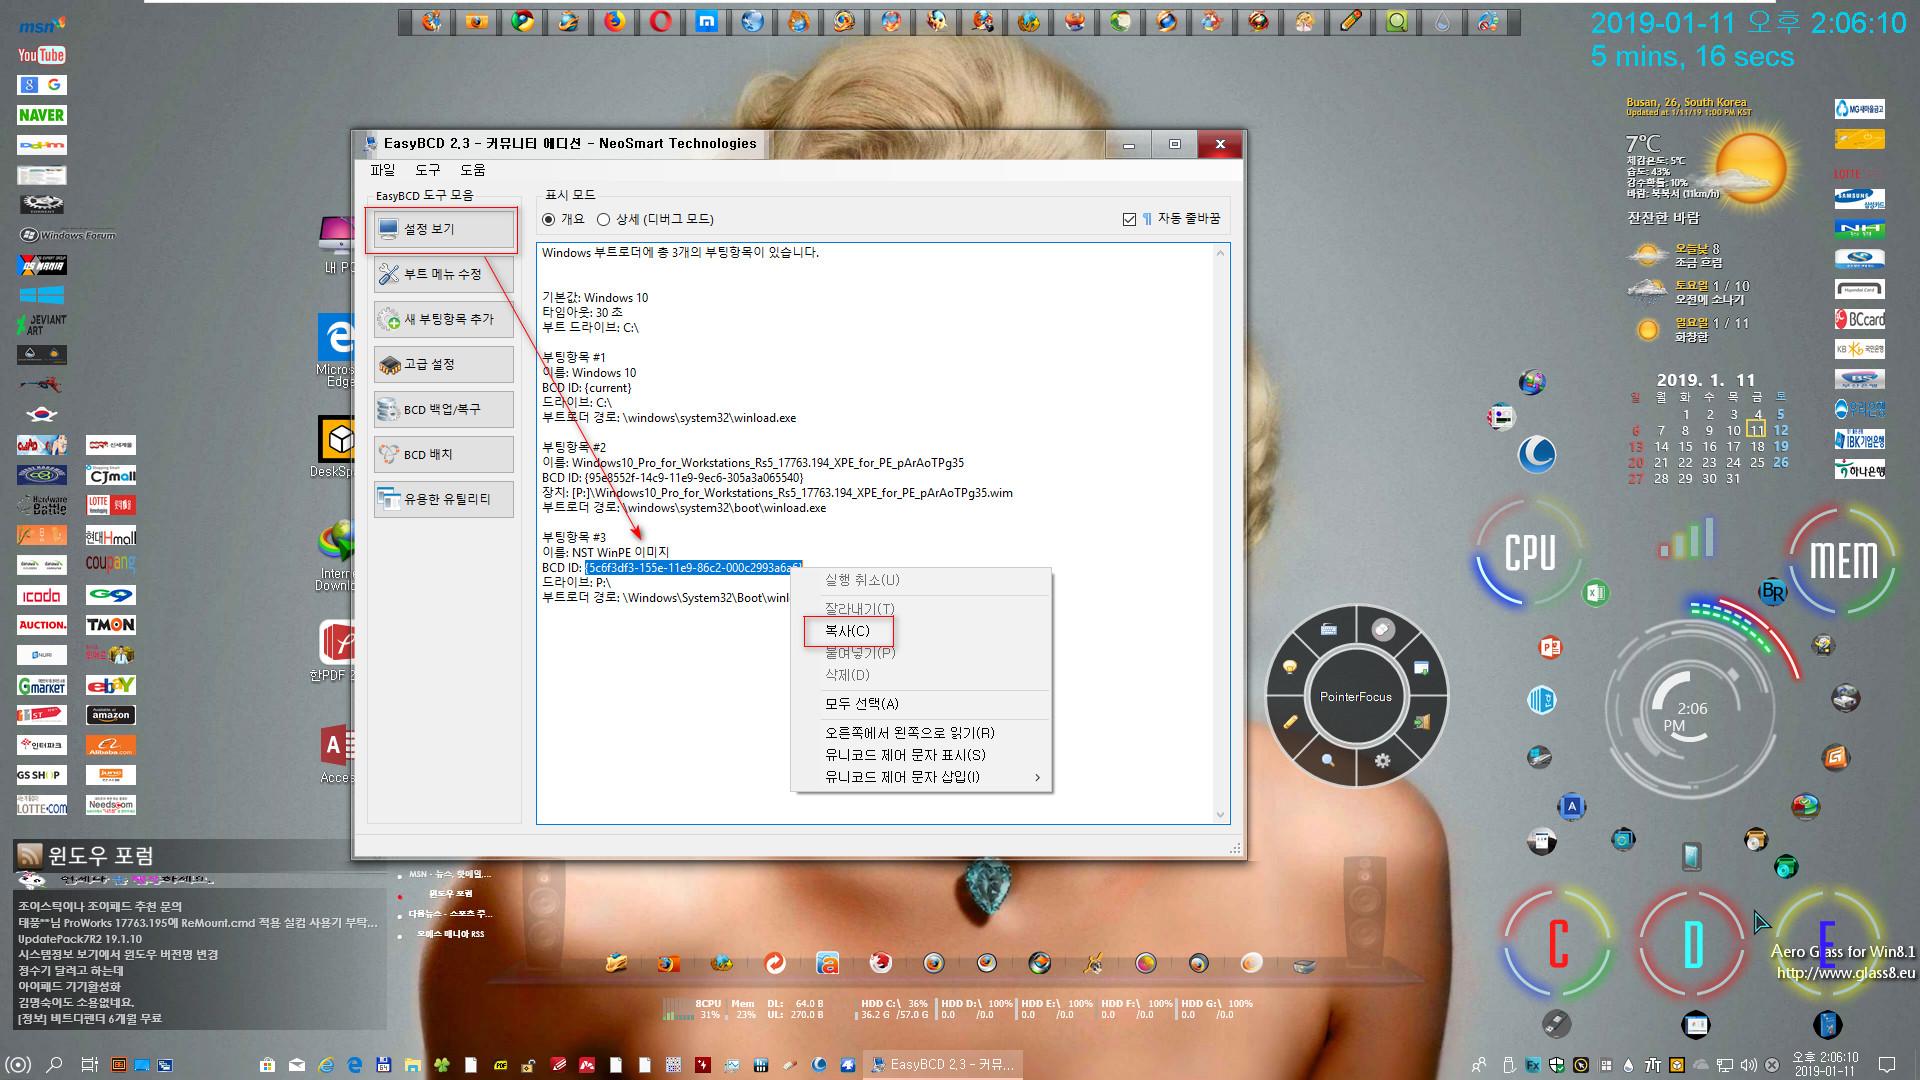 태풍OO님 Win10_Rs5_pArAoTPg35_윈도와PE의프로그램들공유-vhd만들어서vmware에연결 - 우클릭 메뉴의 PE 부팅 수정하기 2019-01-11_140611.jpg